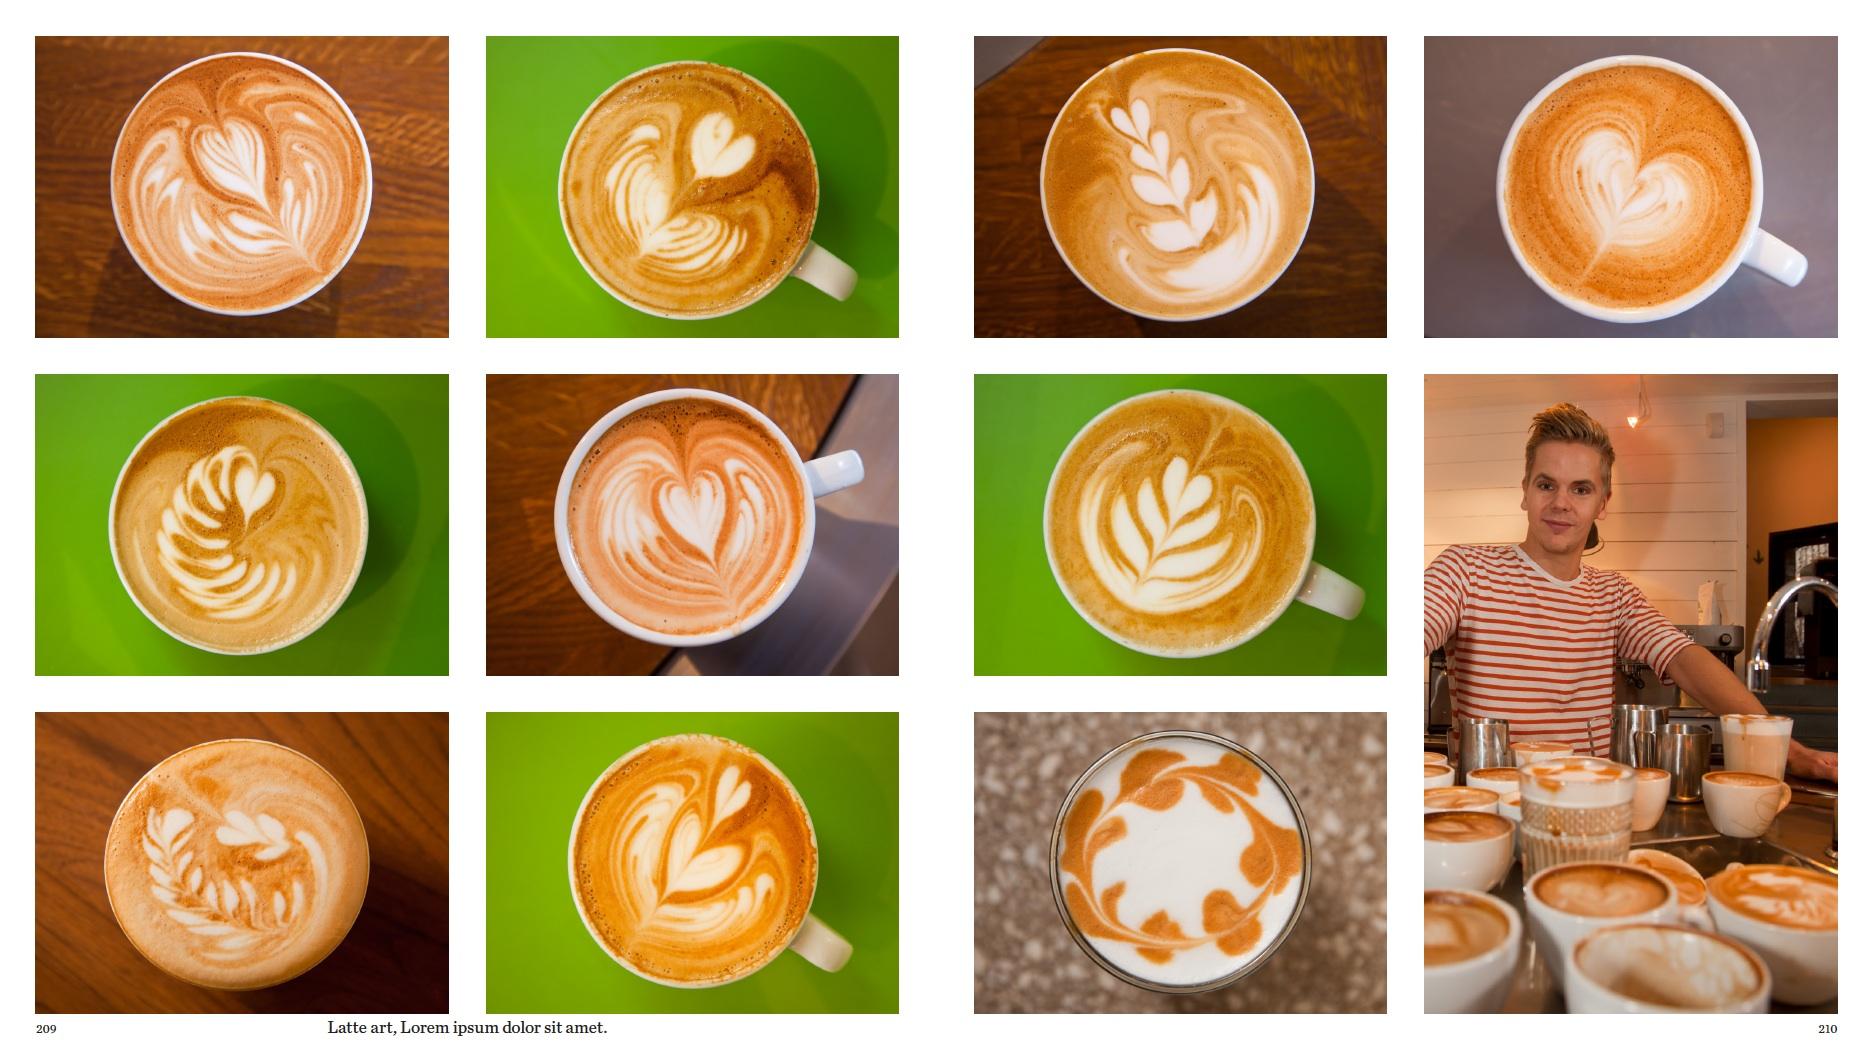 Latte Art, Johan & Nyström, Stockholm, Sweden